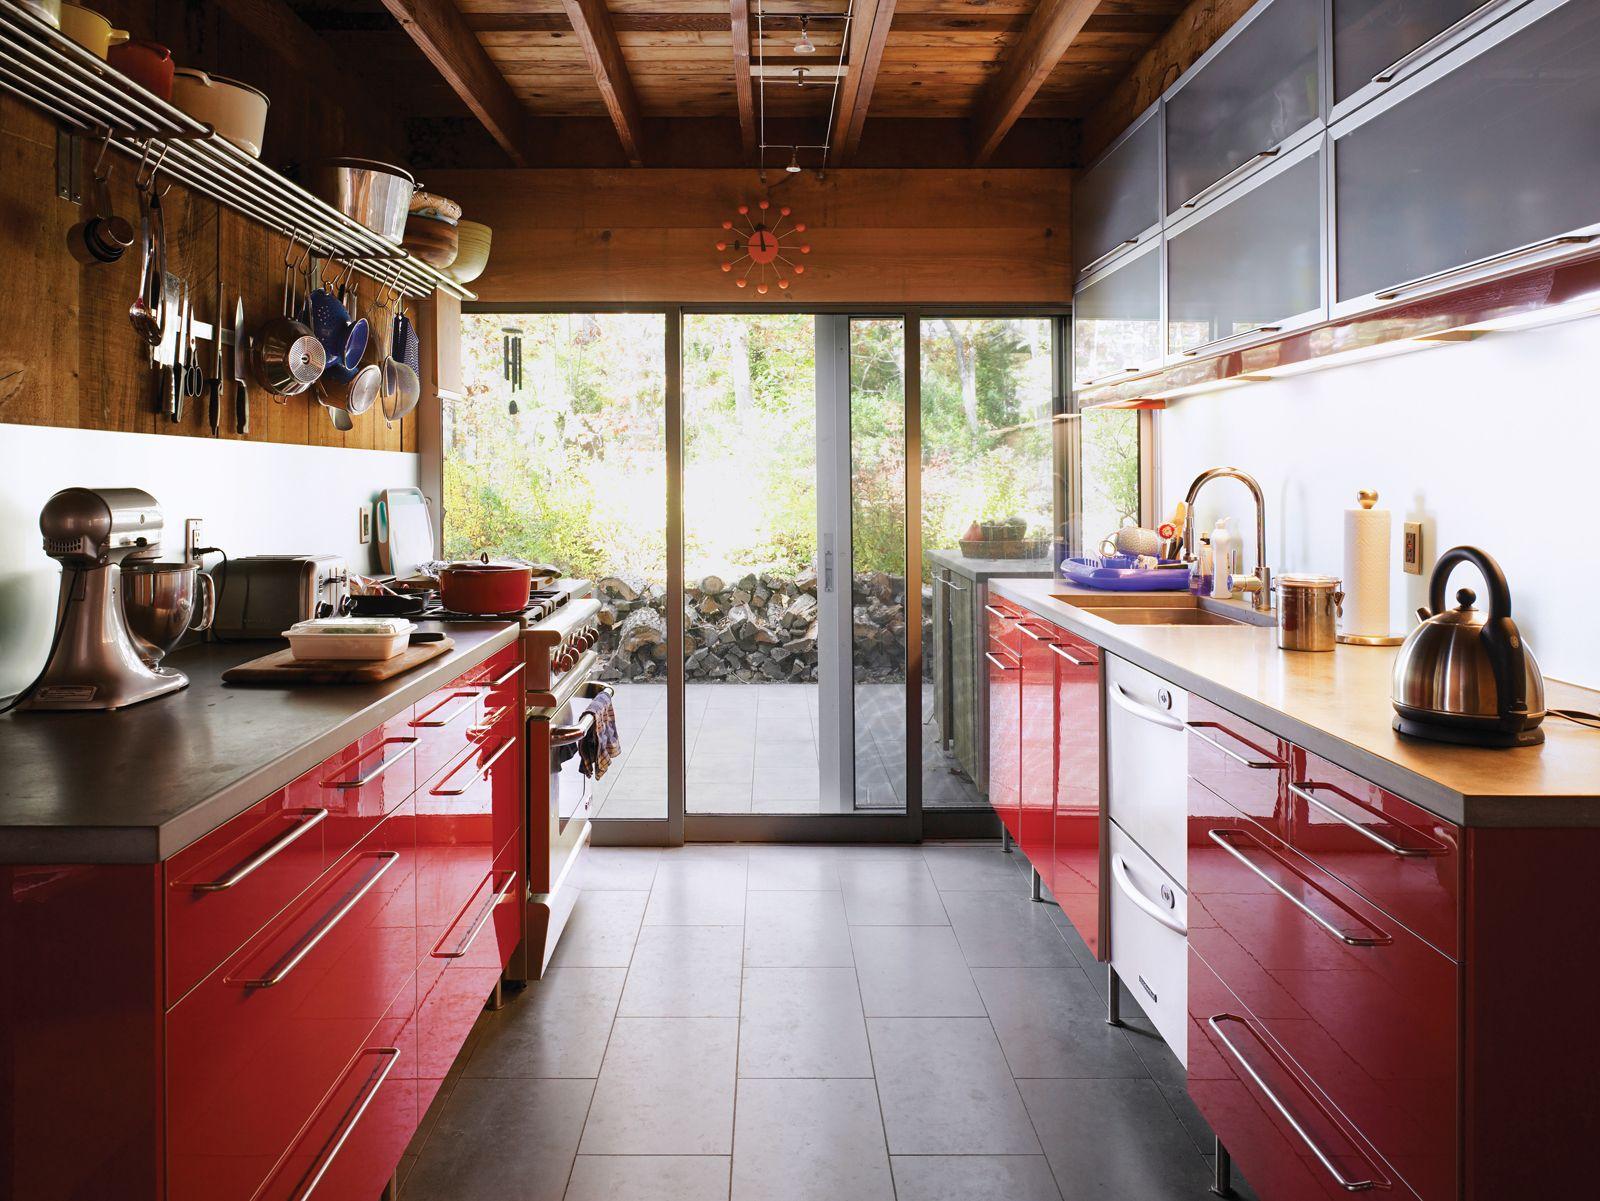 14 Exemplos De Cozinhas Com Ou Sem Copa Arkpad Woodwork